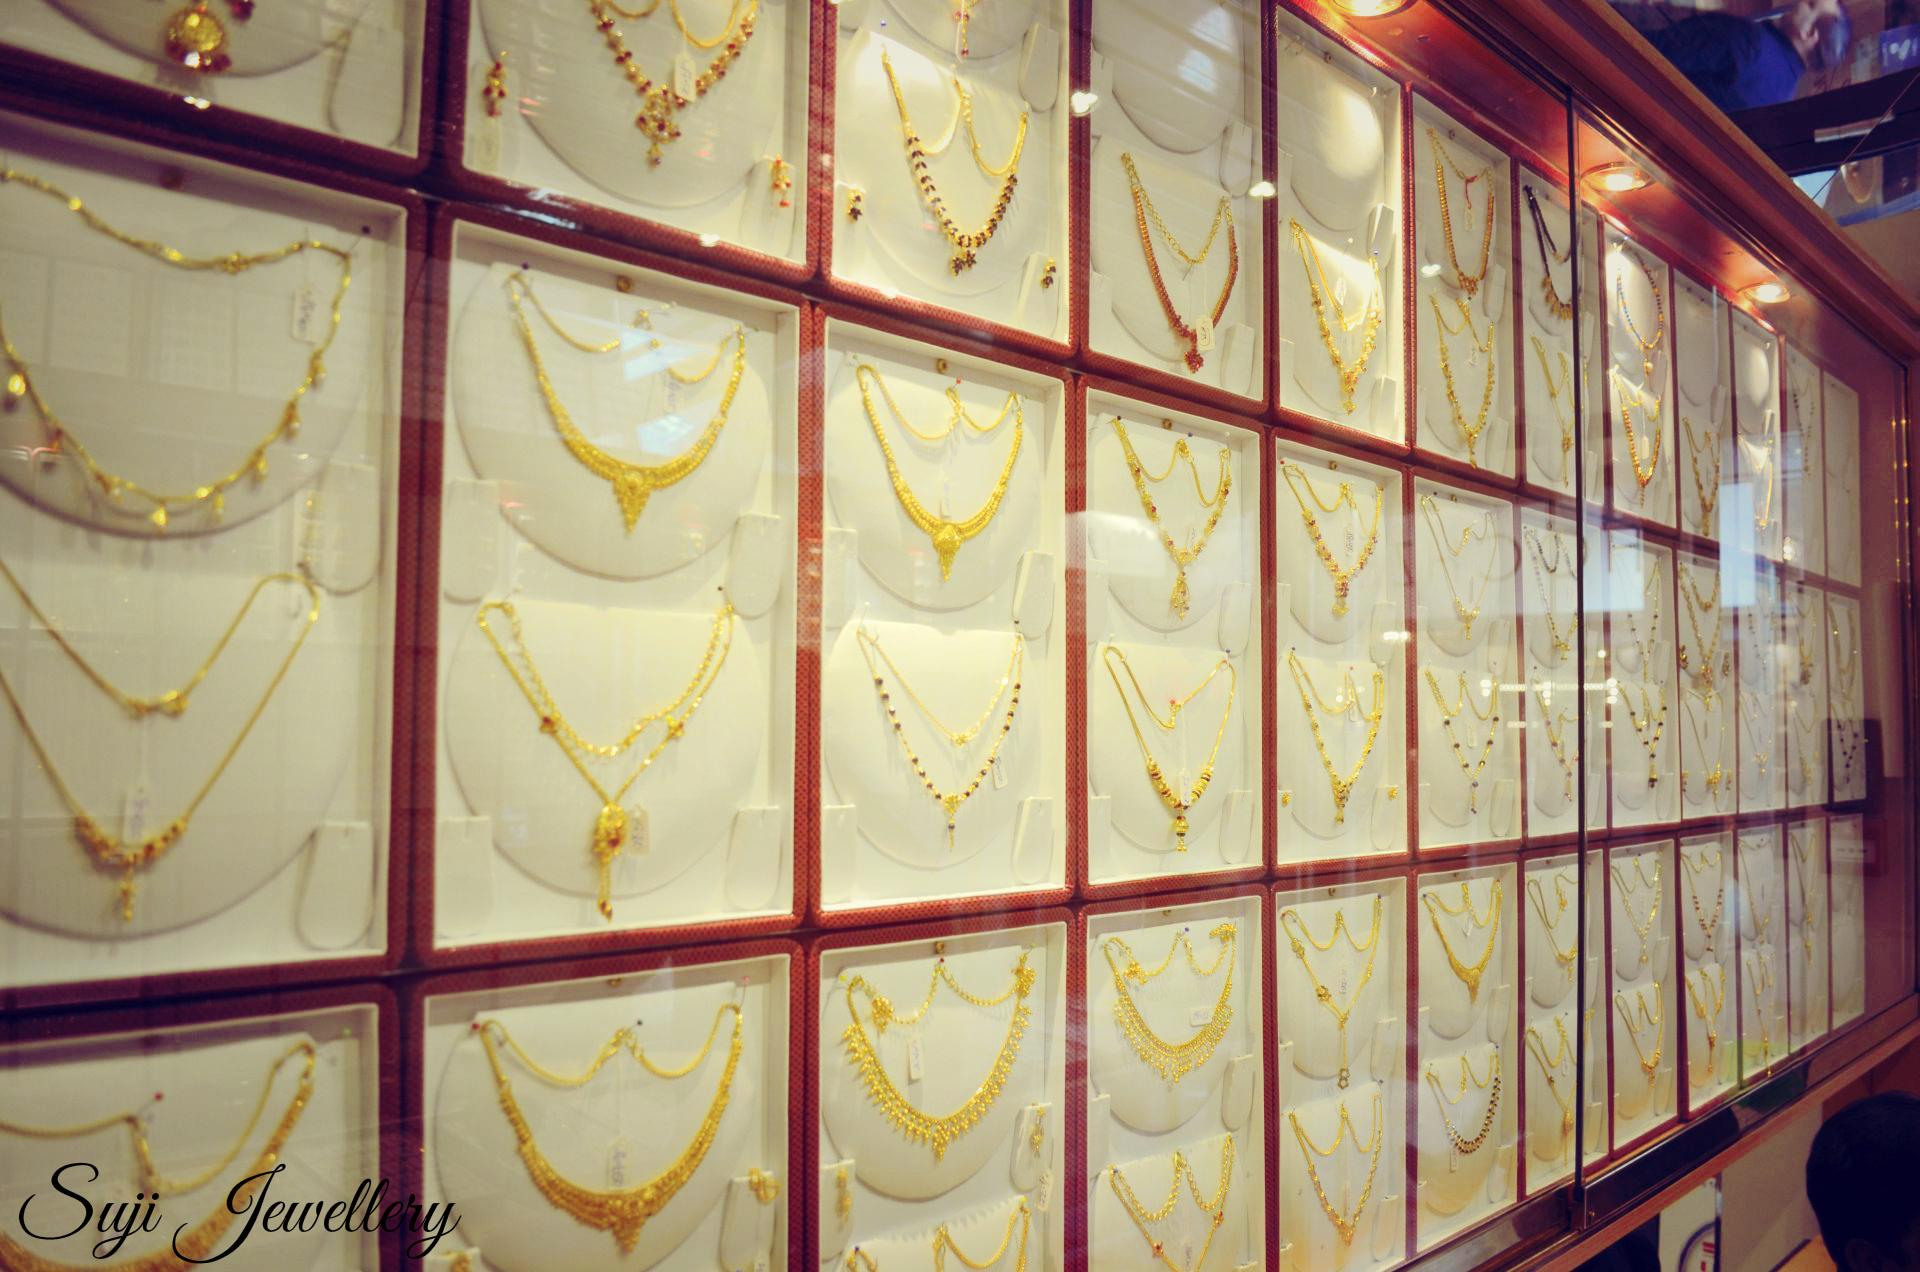 Suji Jewellery